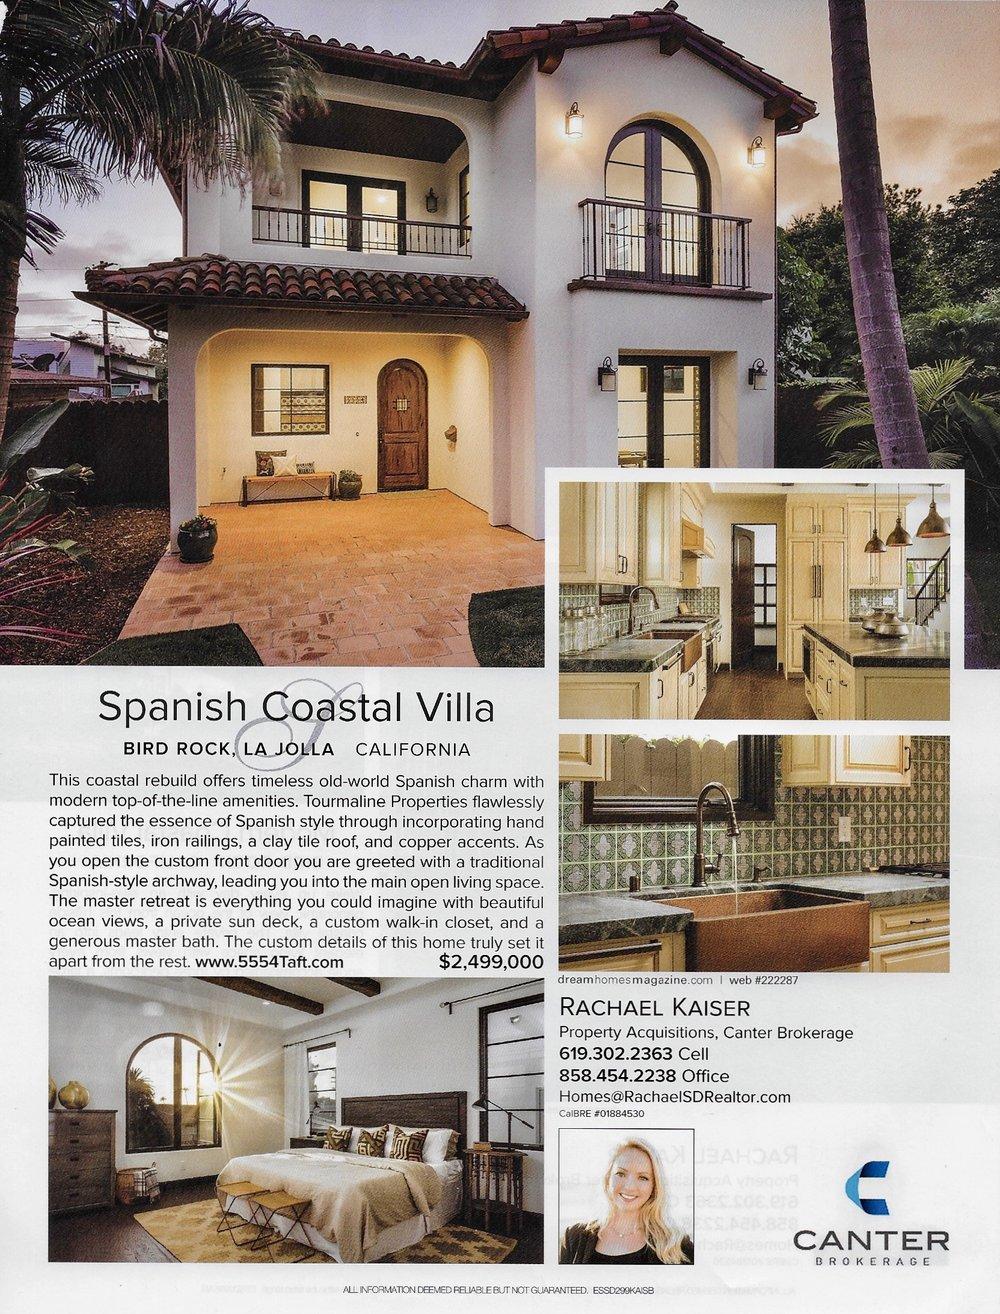 Dream Homes Magazine